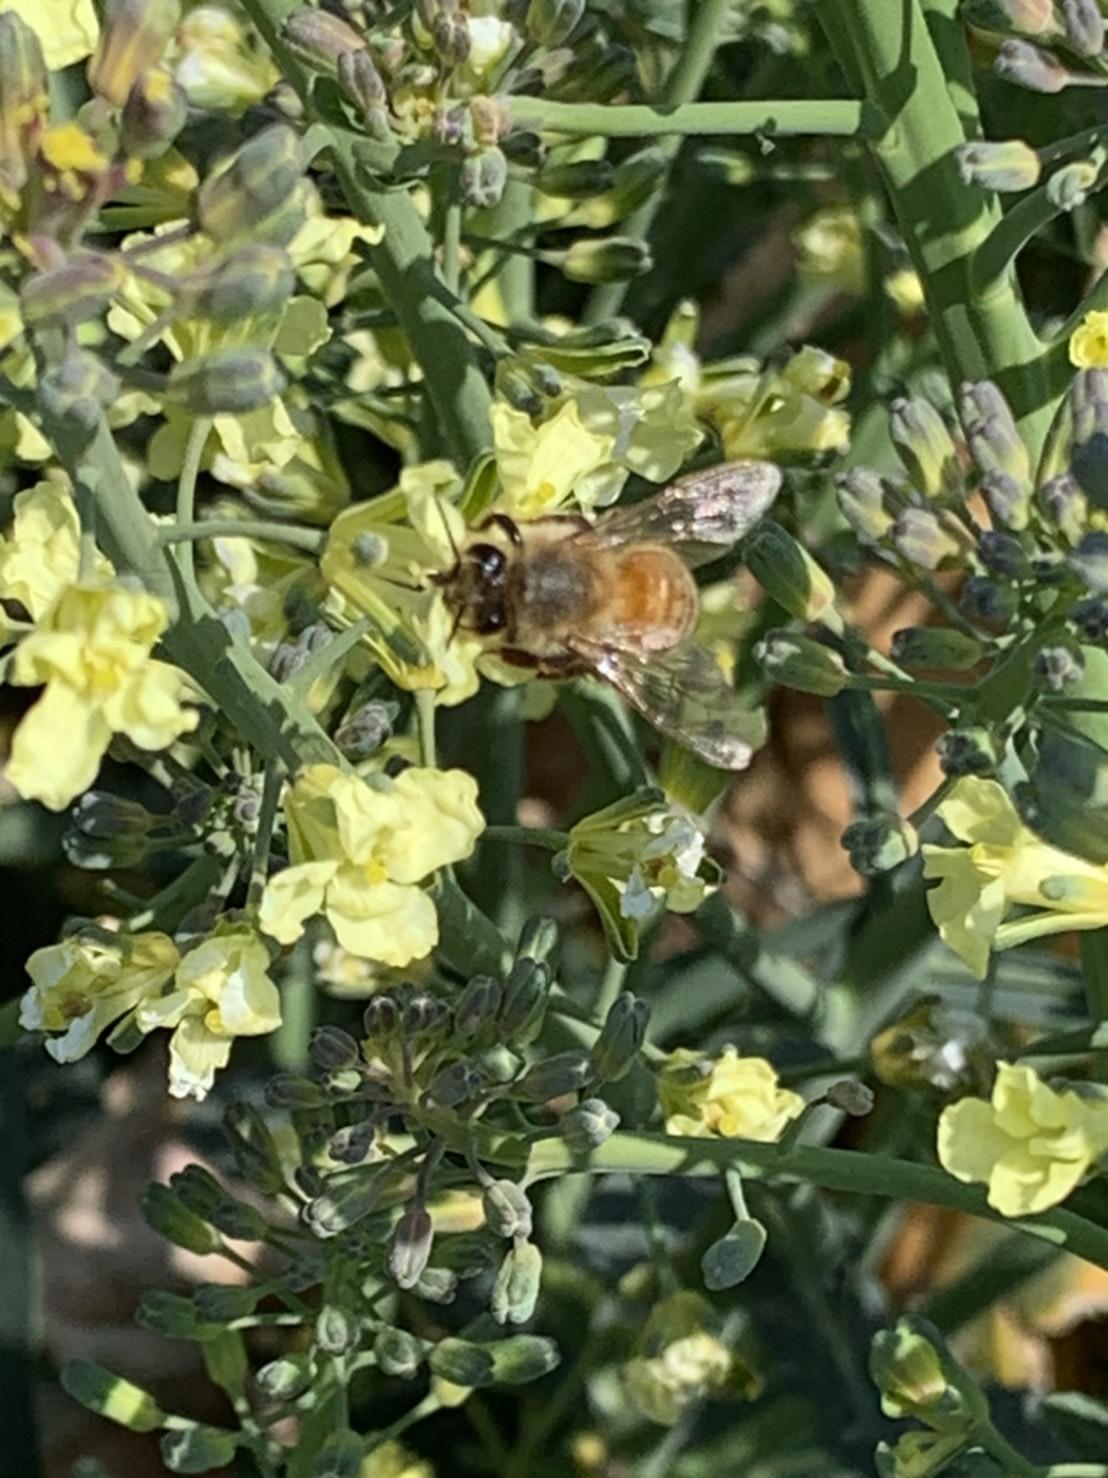 花が咲き乱れ 蜂が沢山寄ってくる よしよし_c0222448_16400345.jpeg